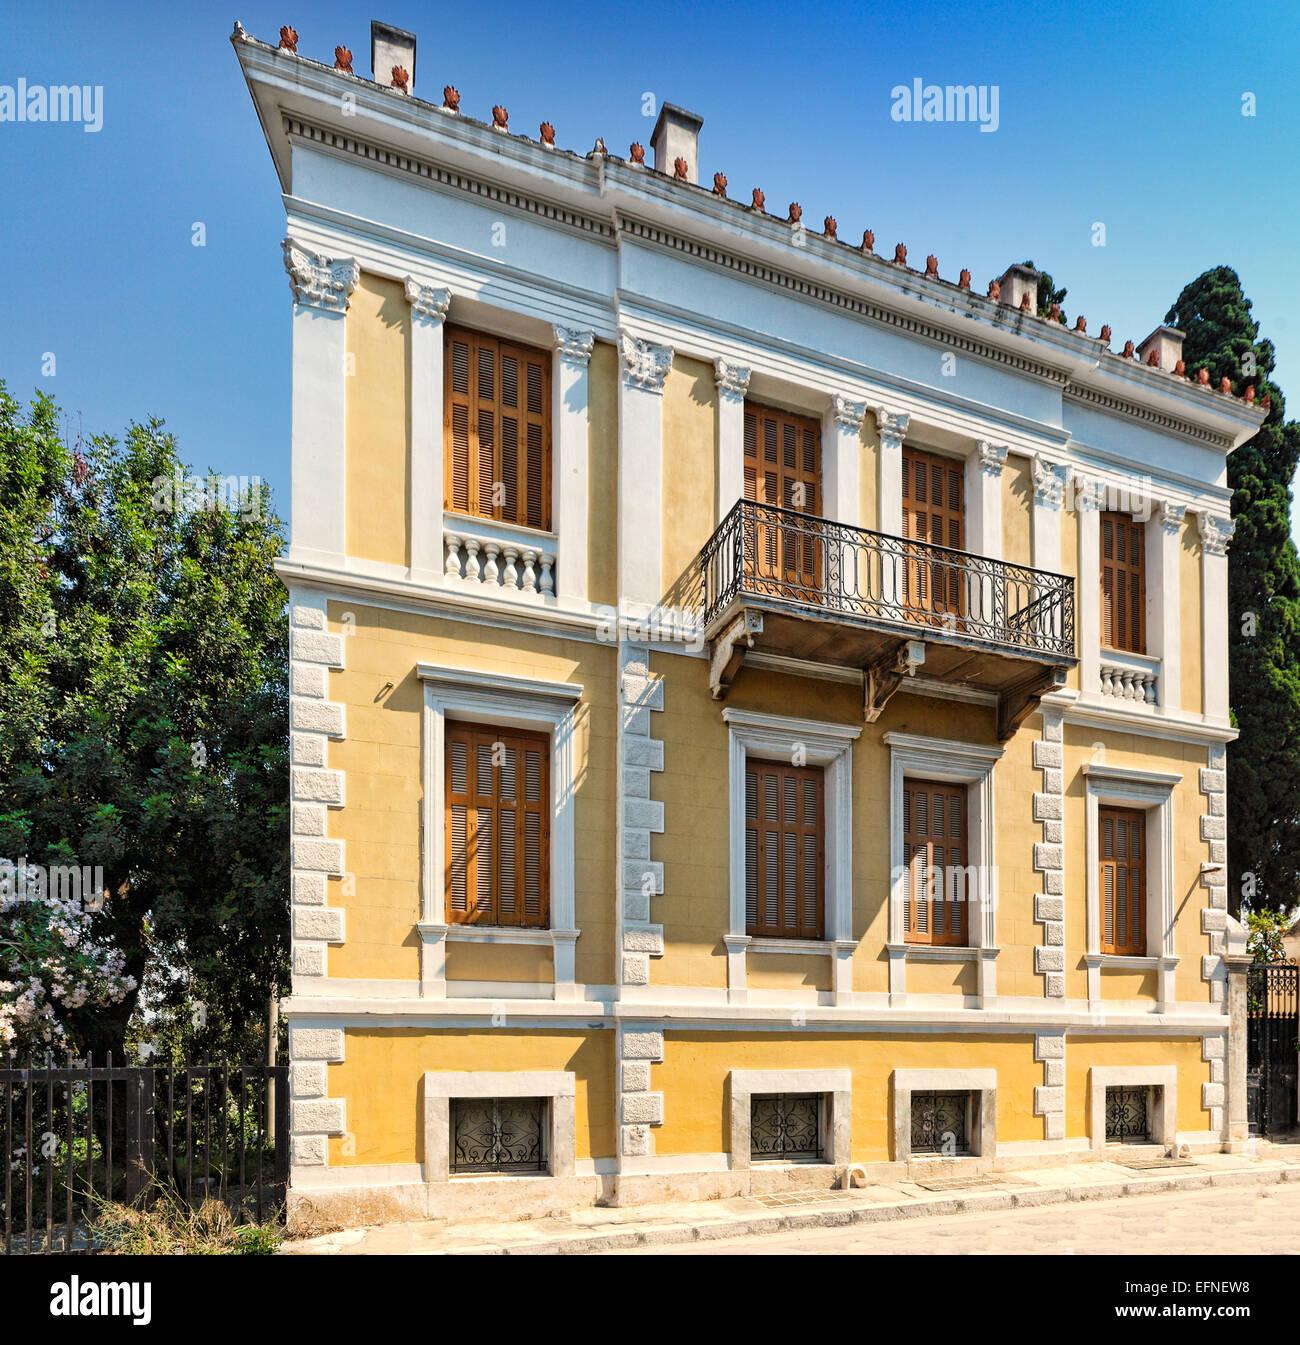 Los pintorescos edificios de Plaka, en Atenas, Grecia Imagen De Stock